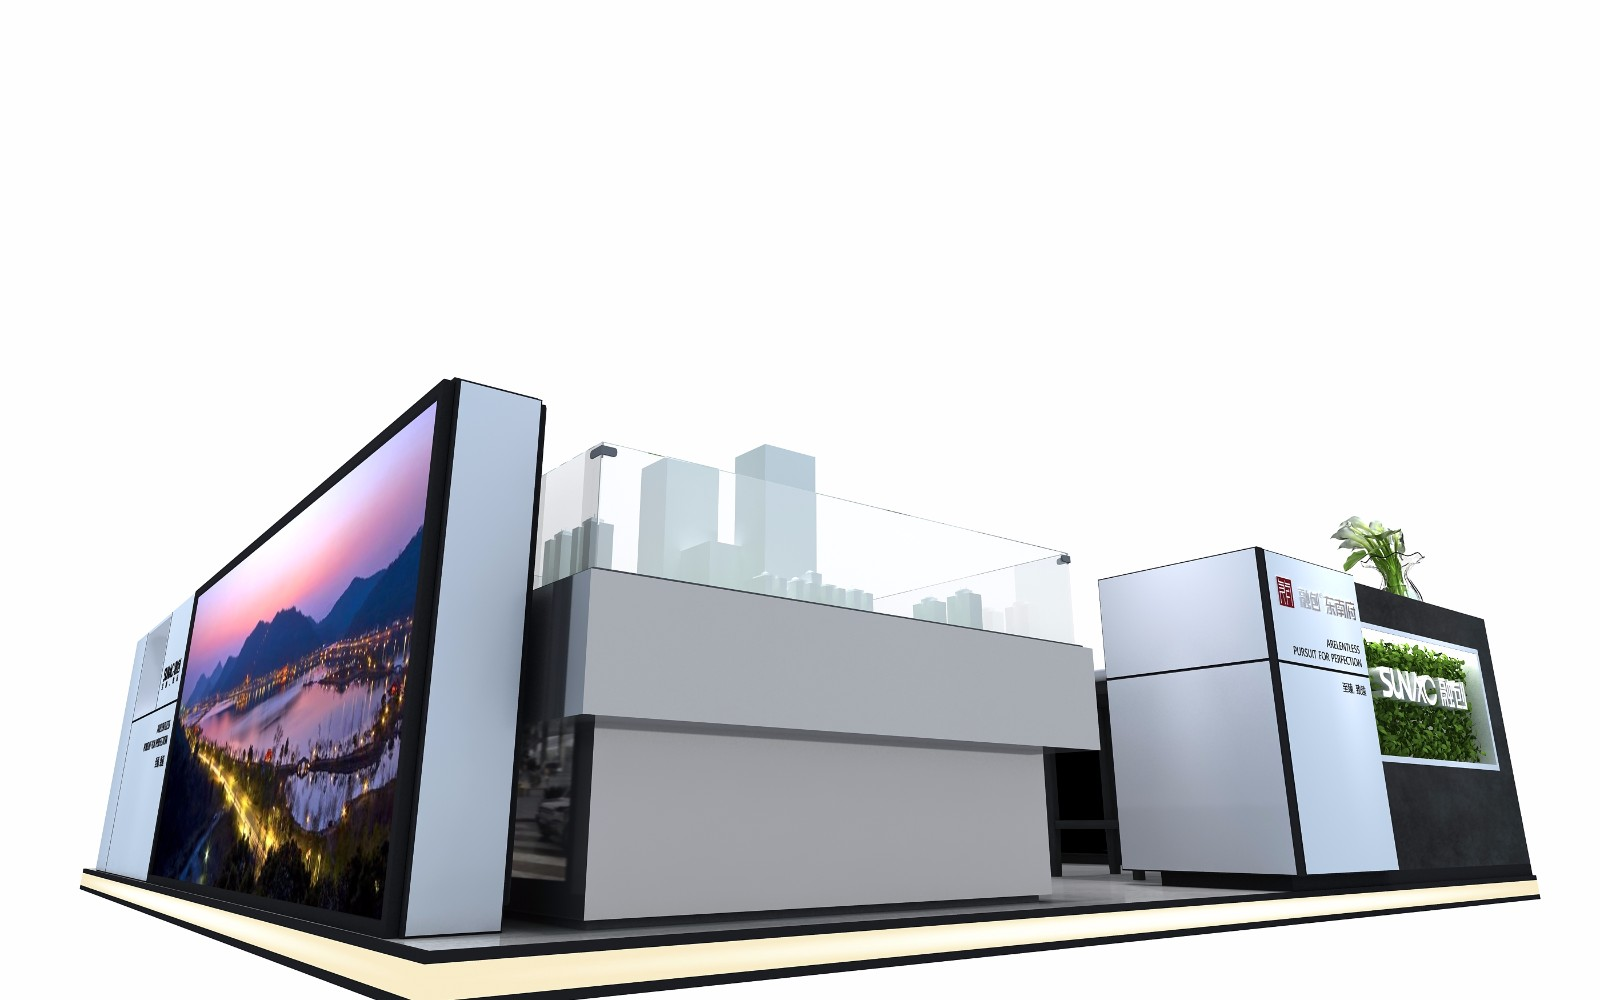 融创SM展台|商场展台-厦门市嘉维世纪会展服务有限公司